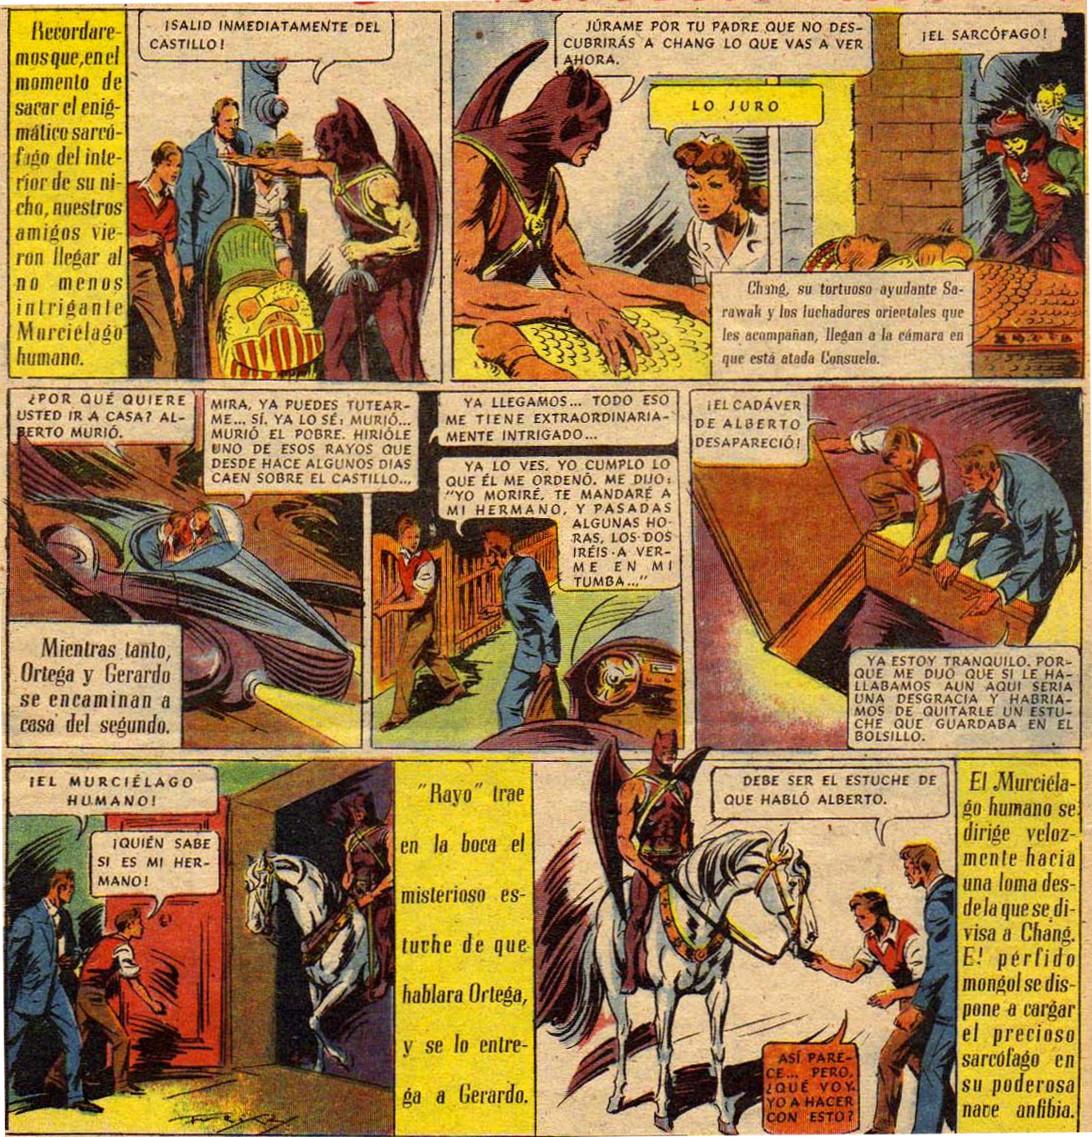 « El Misterio del Murciélago Humano » par Emilio Freixas et José María Canellas Casals.